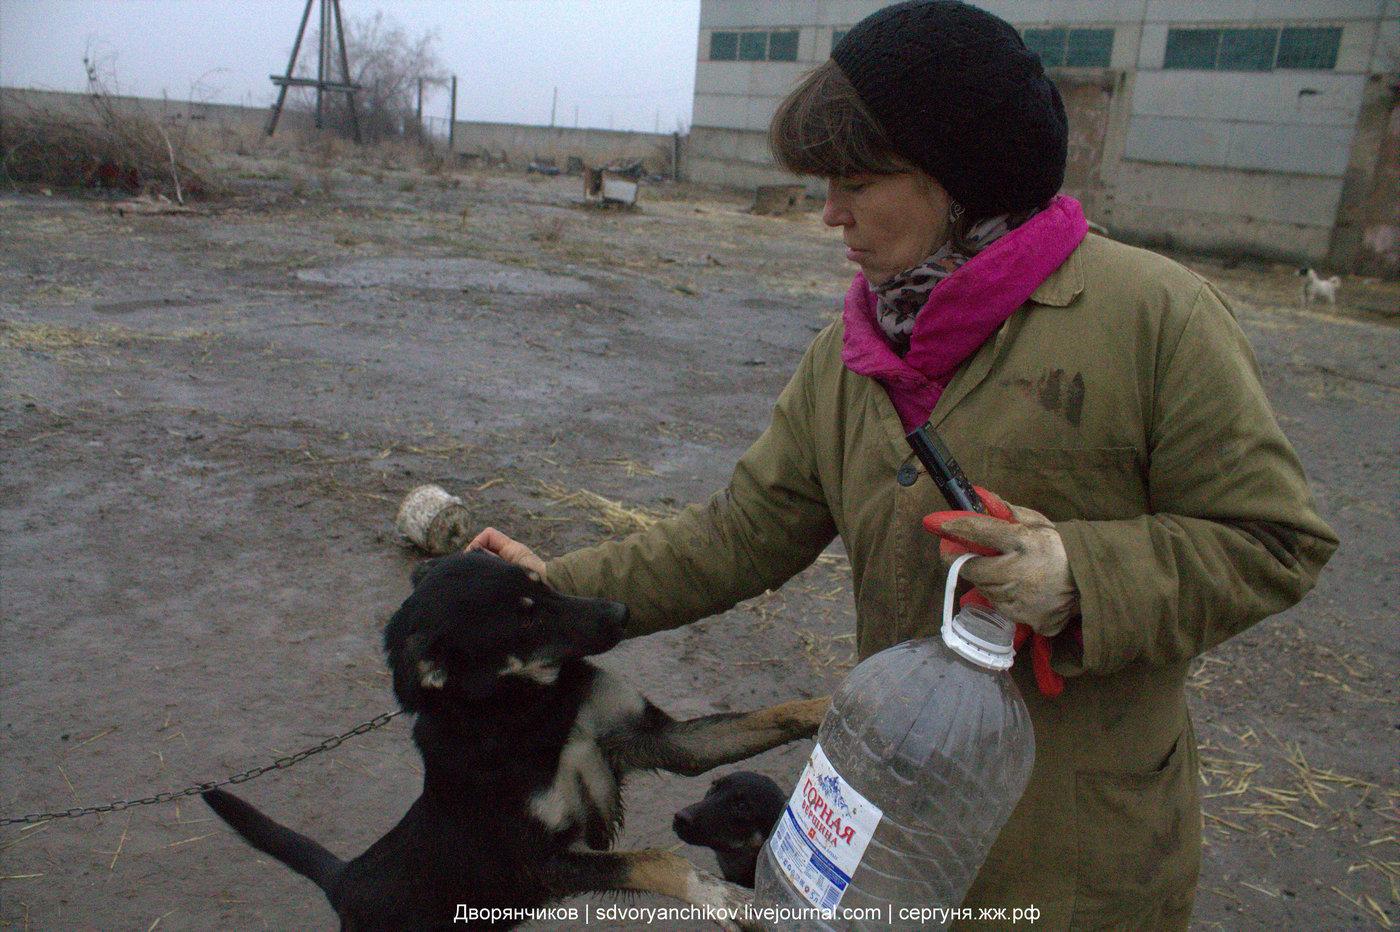 Приют для животных ПО Великое междуречье - Волжский - 16-12-2017